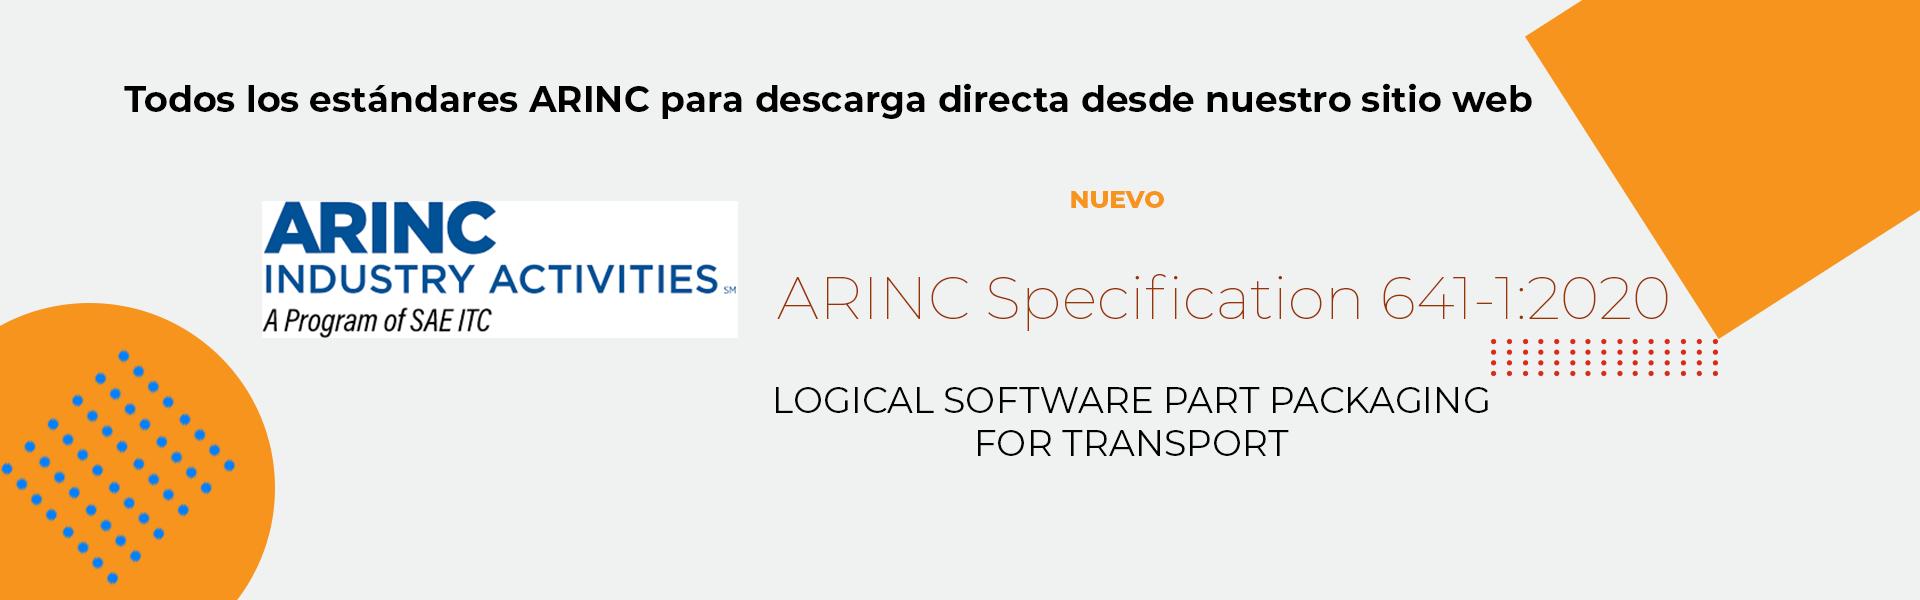 ARINC Industry Activities normas